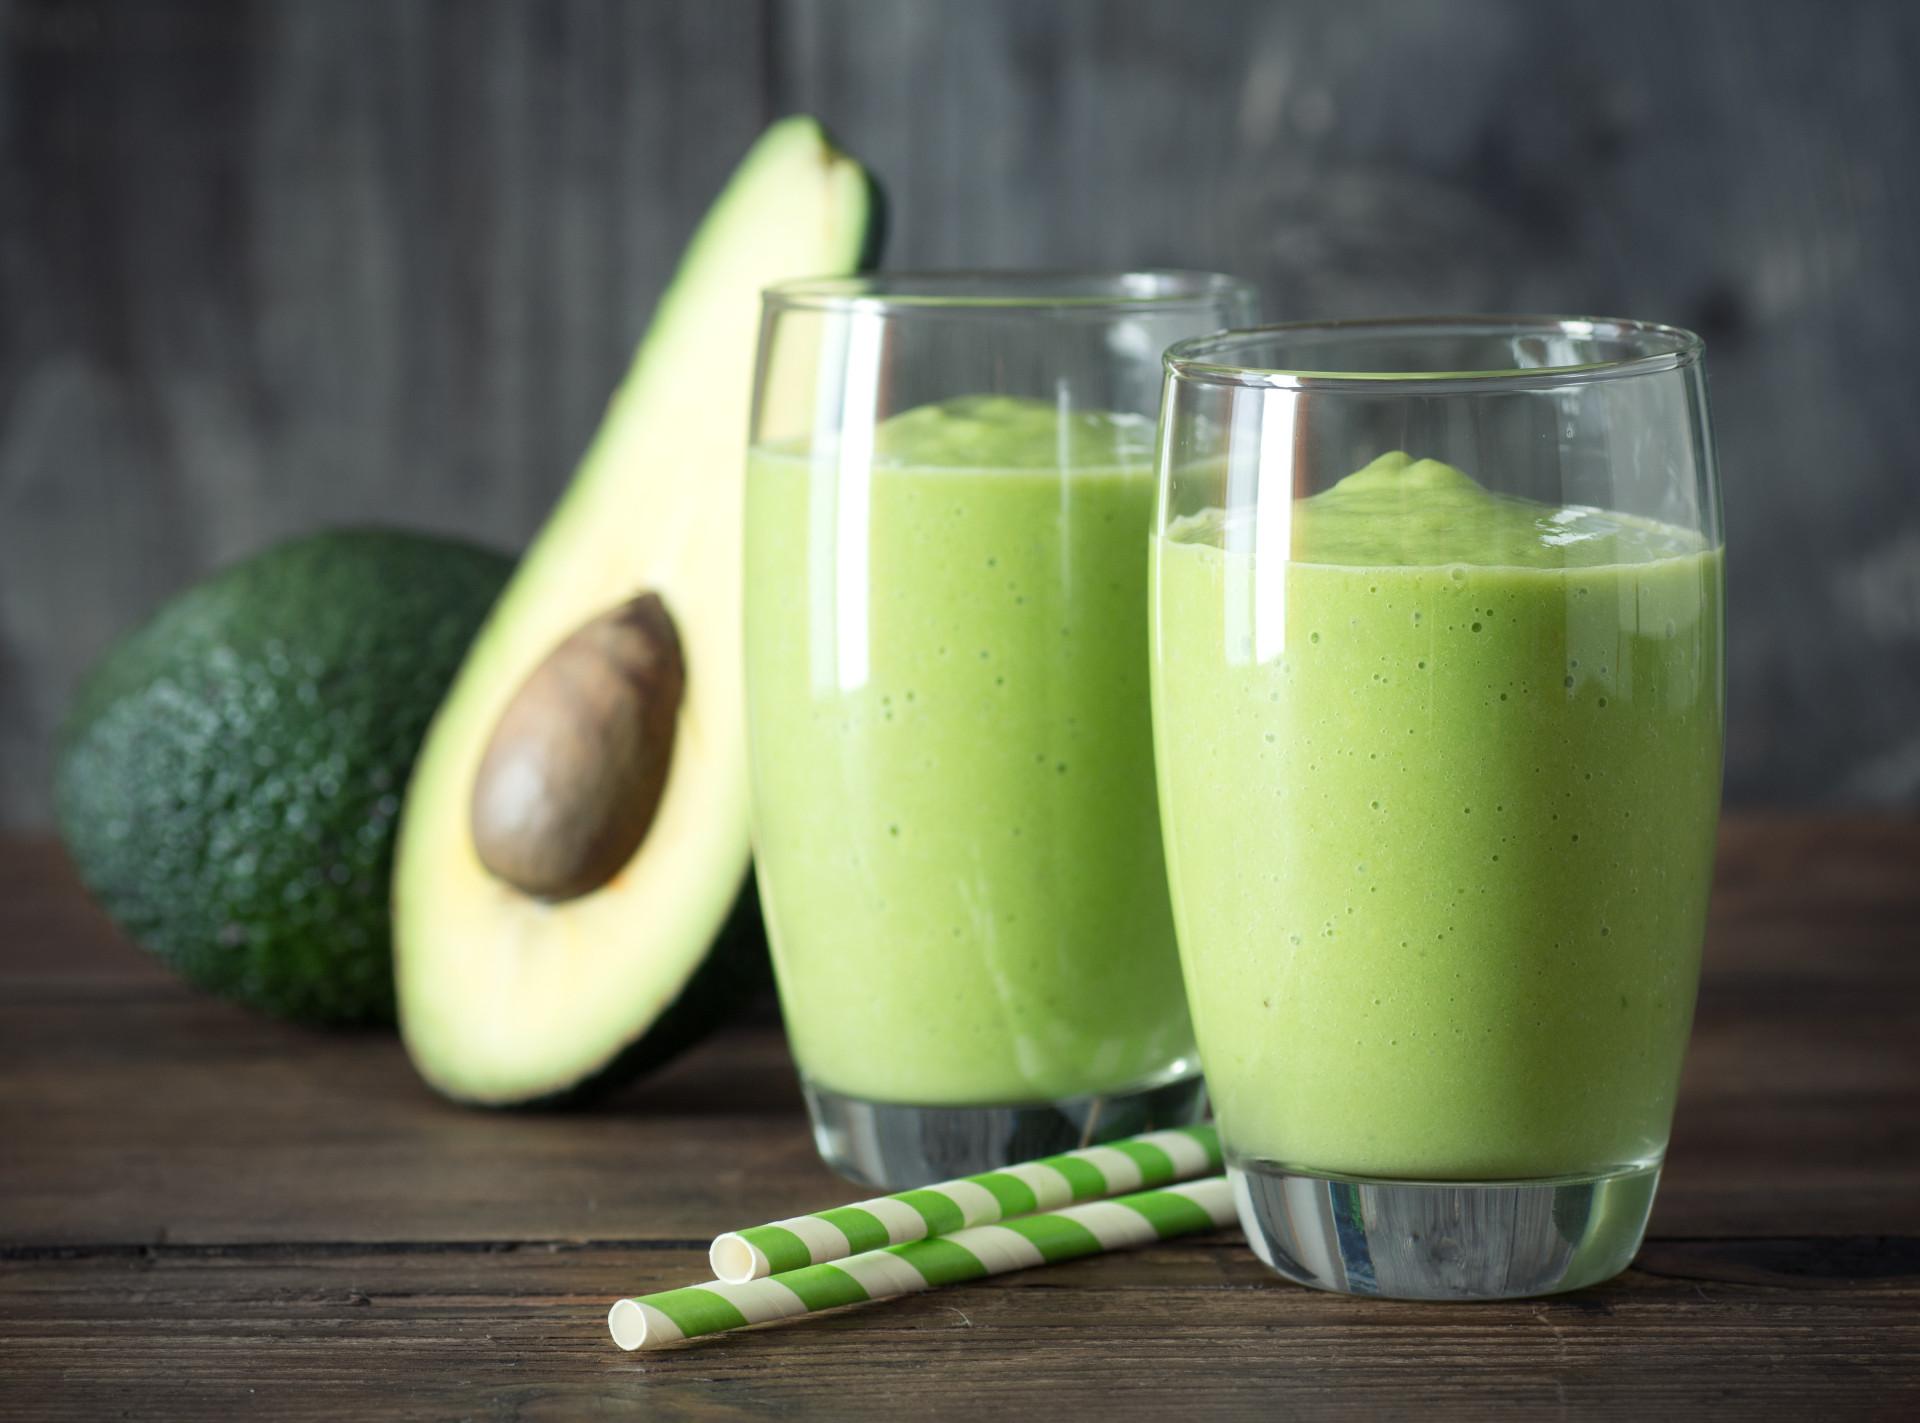 Abacate: As formas como pode incluir este fruto nas suas refeições